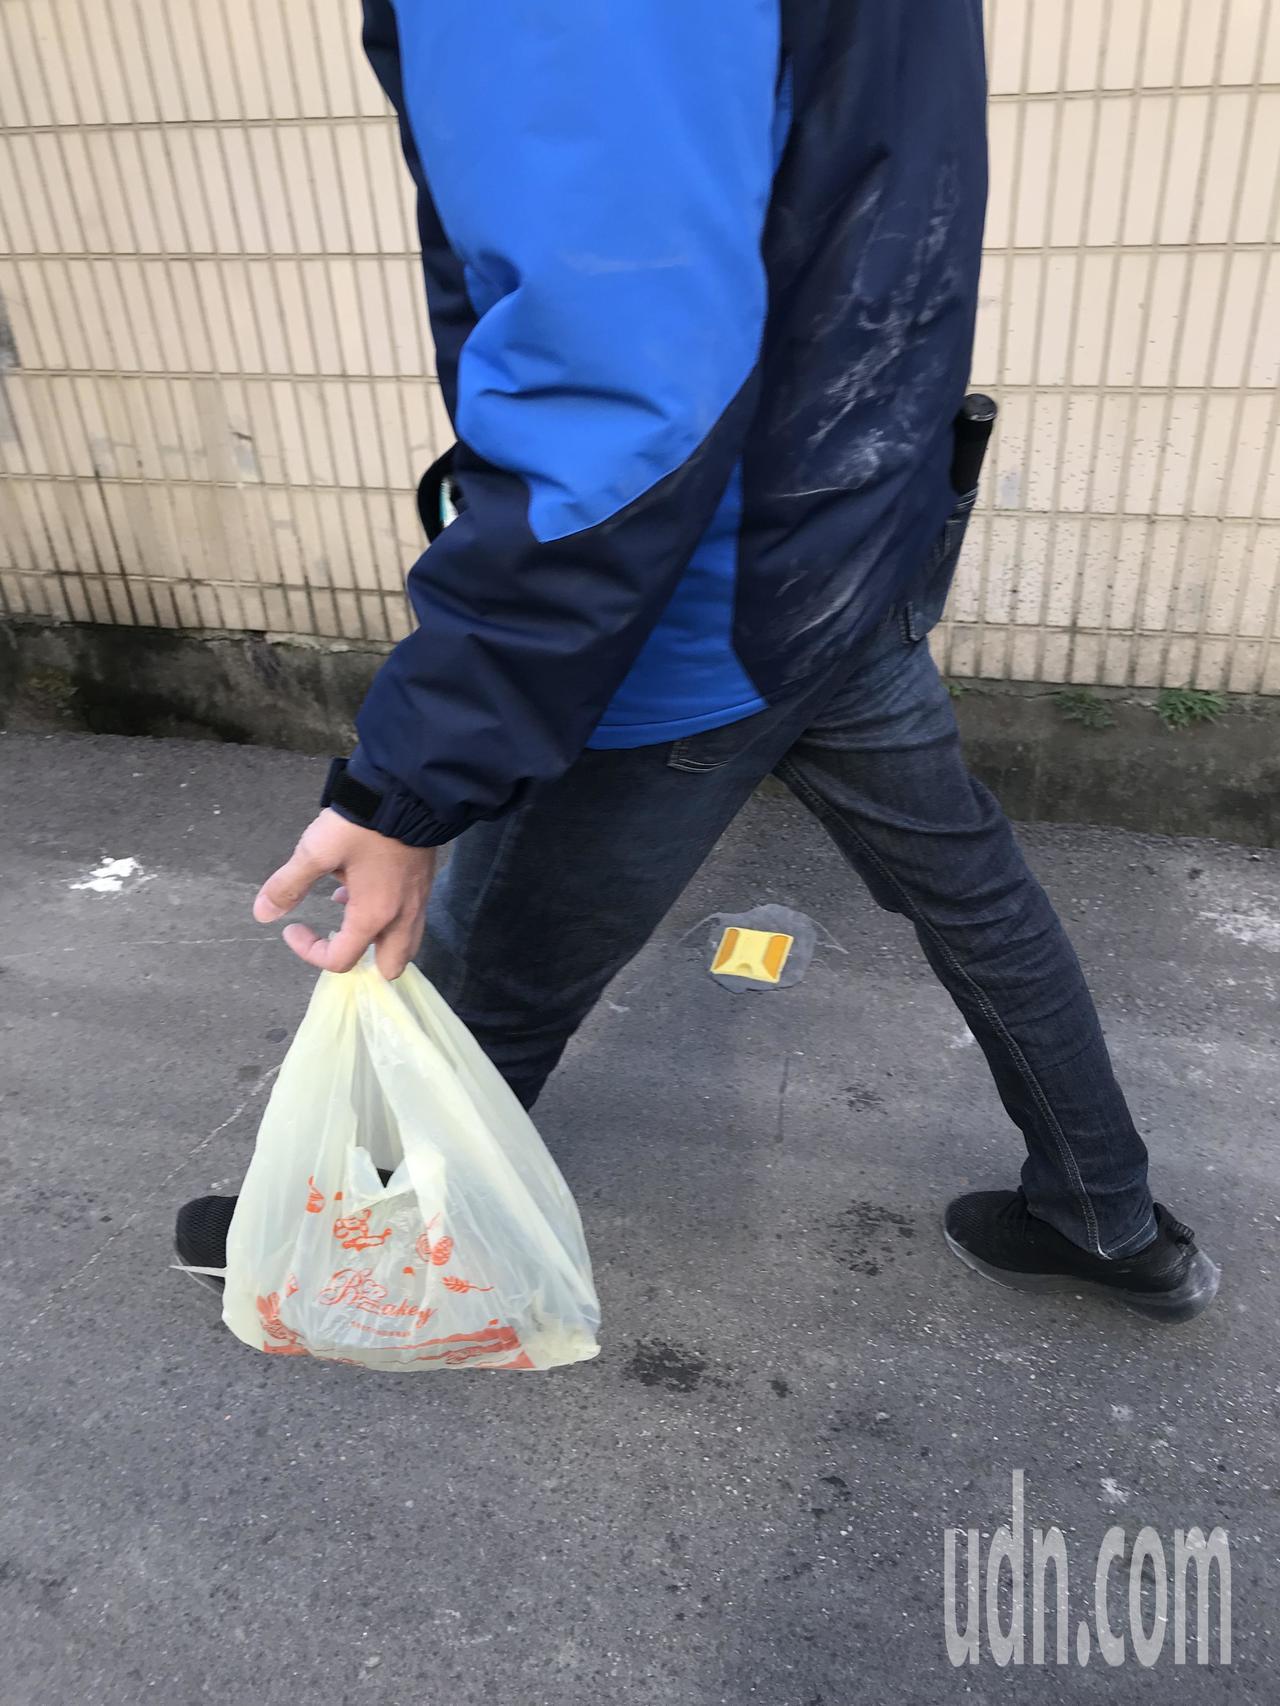 警方查扣水果刀一把與相關證物。記者林佩均/攝影